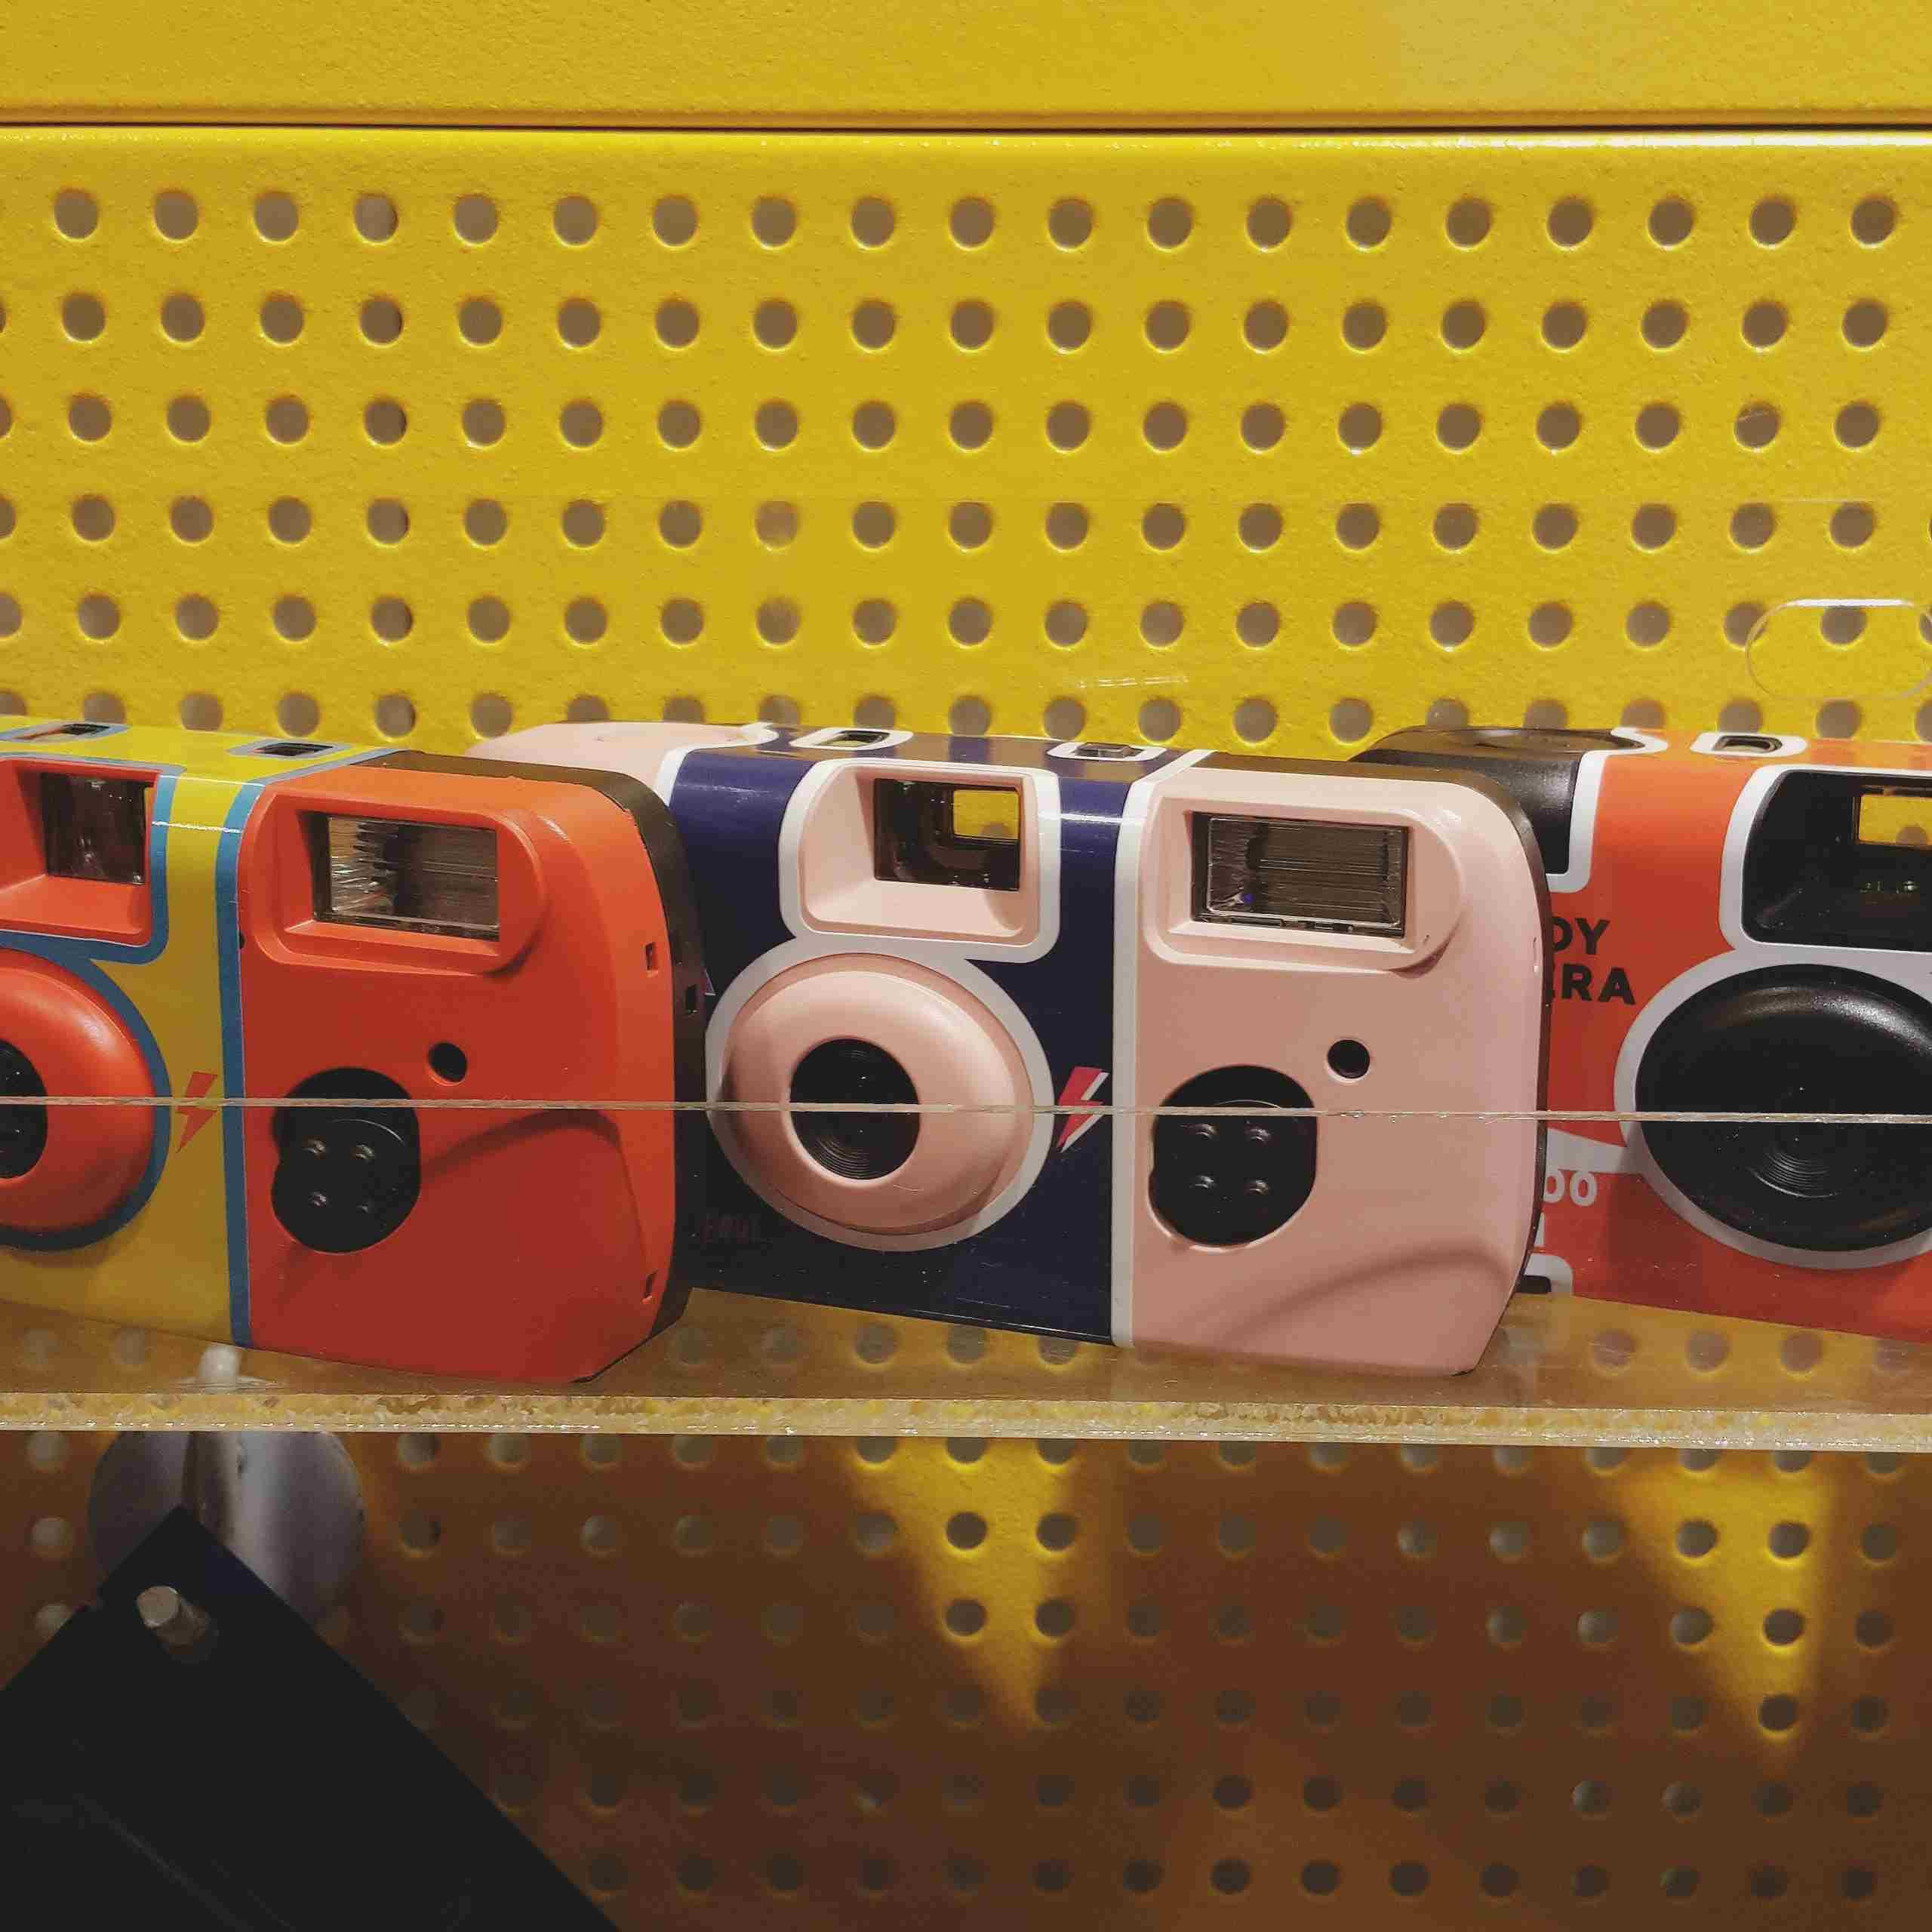 並且只在pop up store這裏販賣喔!halfhalf的pop up store位於新村現代百貨uplex的B1樓(Aland對面),將擺放一個月只12月中上旬!